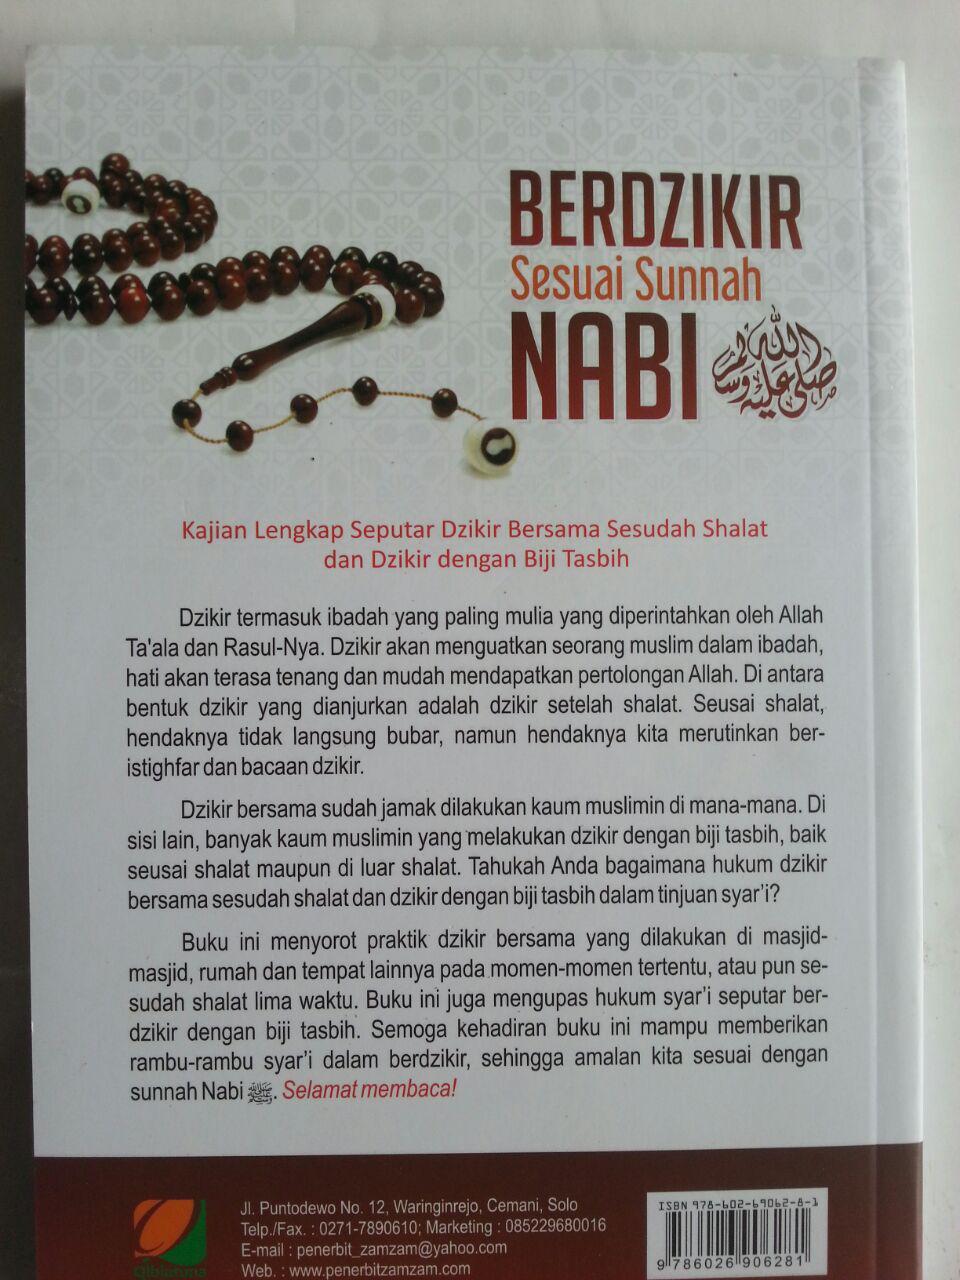 Buku Berdzikir Sesuai Sunnah Nabi Kajian Lengkap Seputar Dzikir Bersama cover